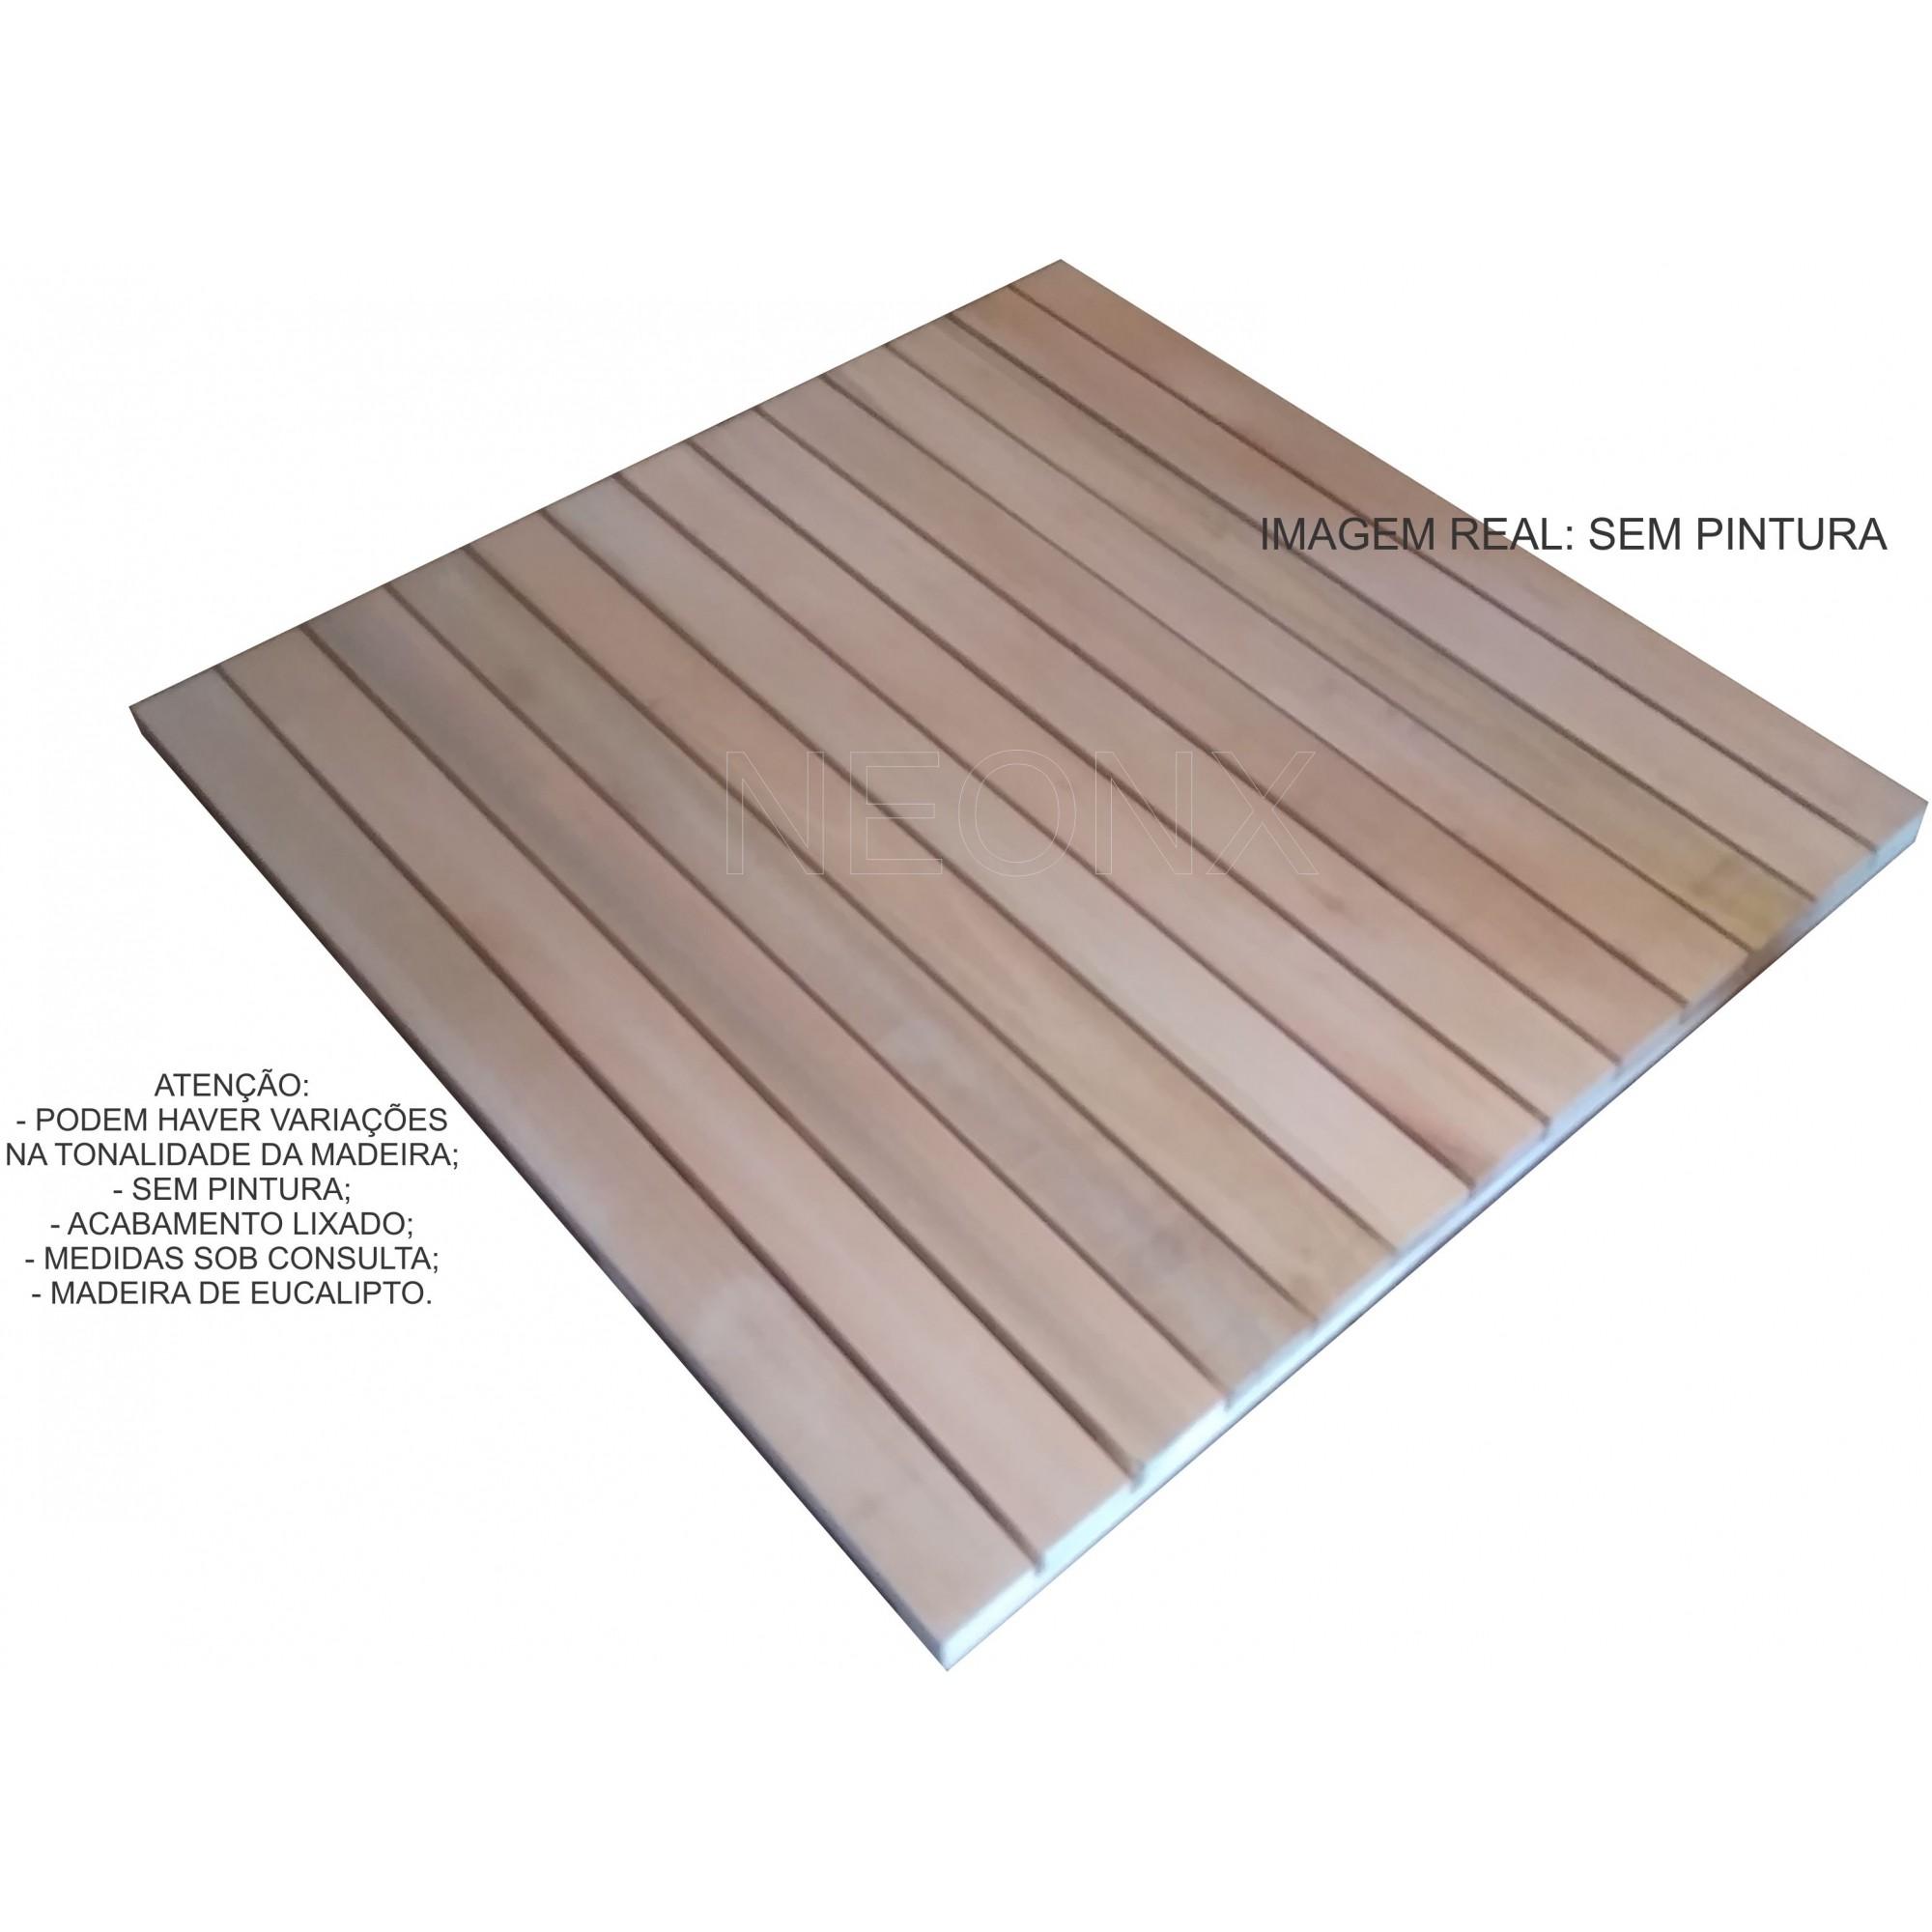 Deck De Madeira Modular 100x100cm Réguas 7 cm Neonx Com Pintura